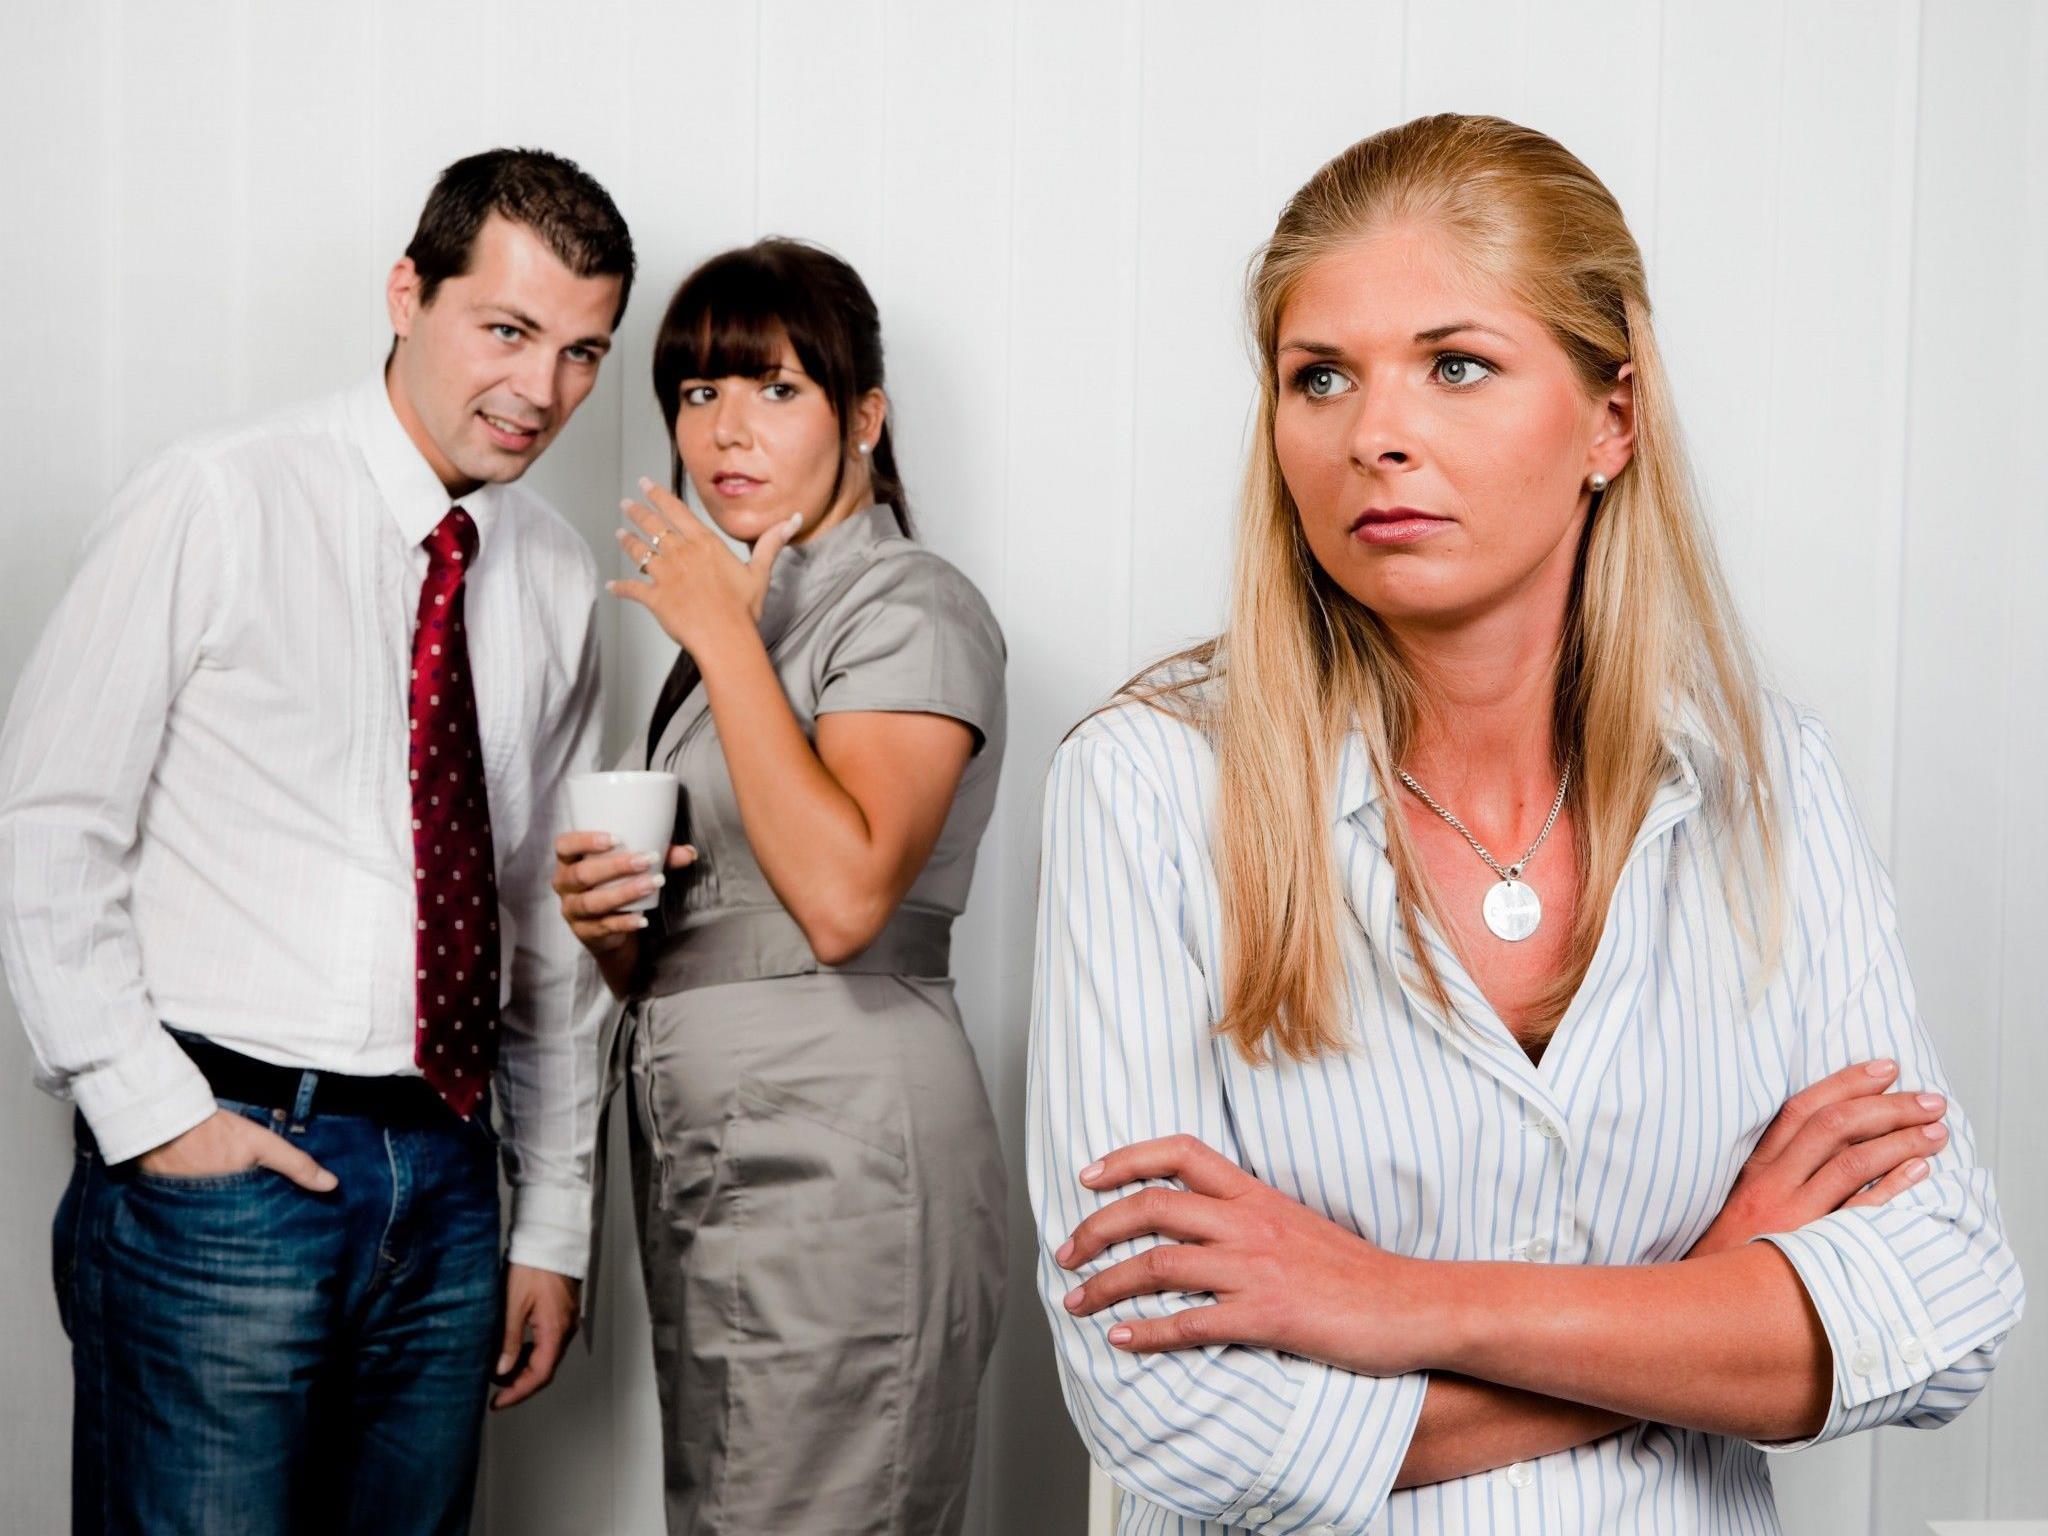 Mobbing unter Kollegen darf vom Dienstgeber nicht auf die leichte Schulter genommen werden.